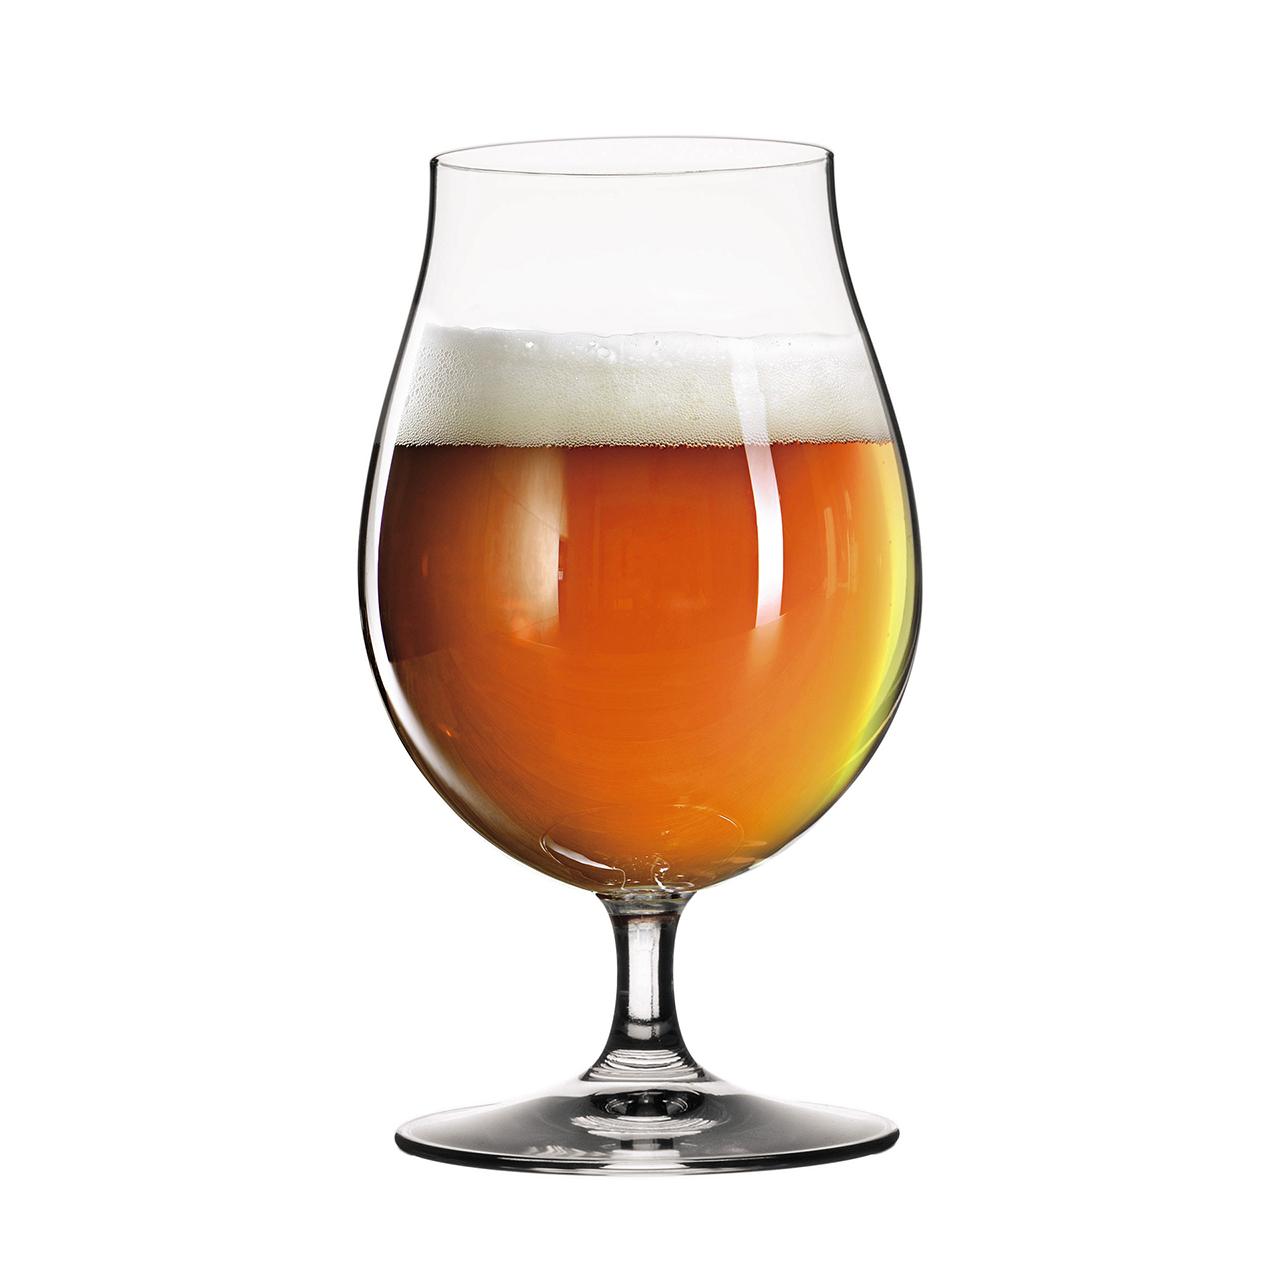 15_4991974_2 【クラフトビール好き必見】よなよなエールご担当者に聞く、アウトドア料理に合うビール7選!